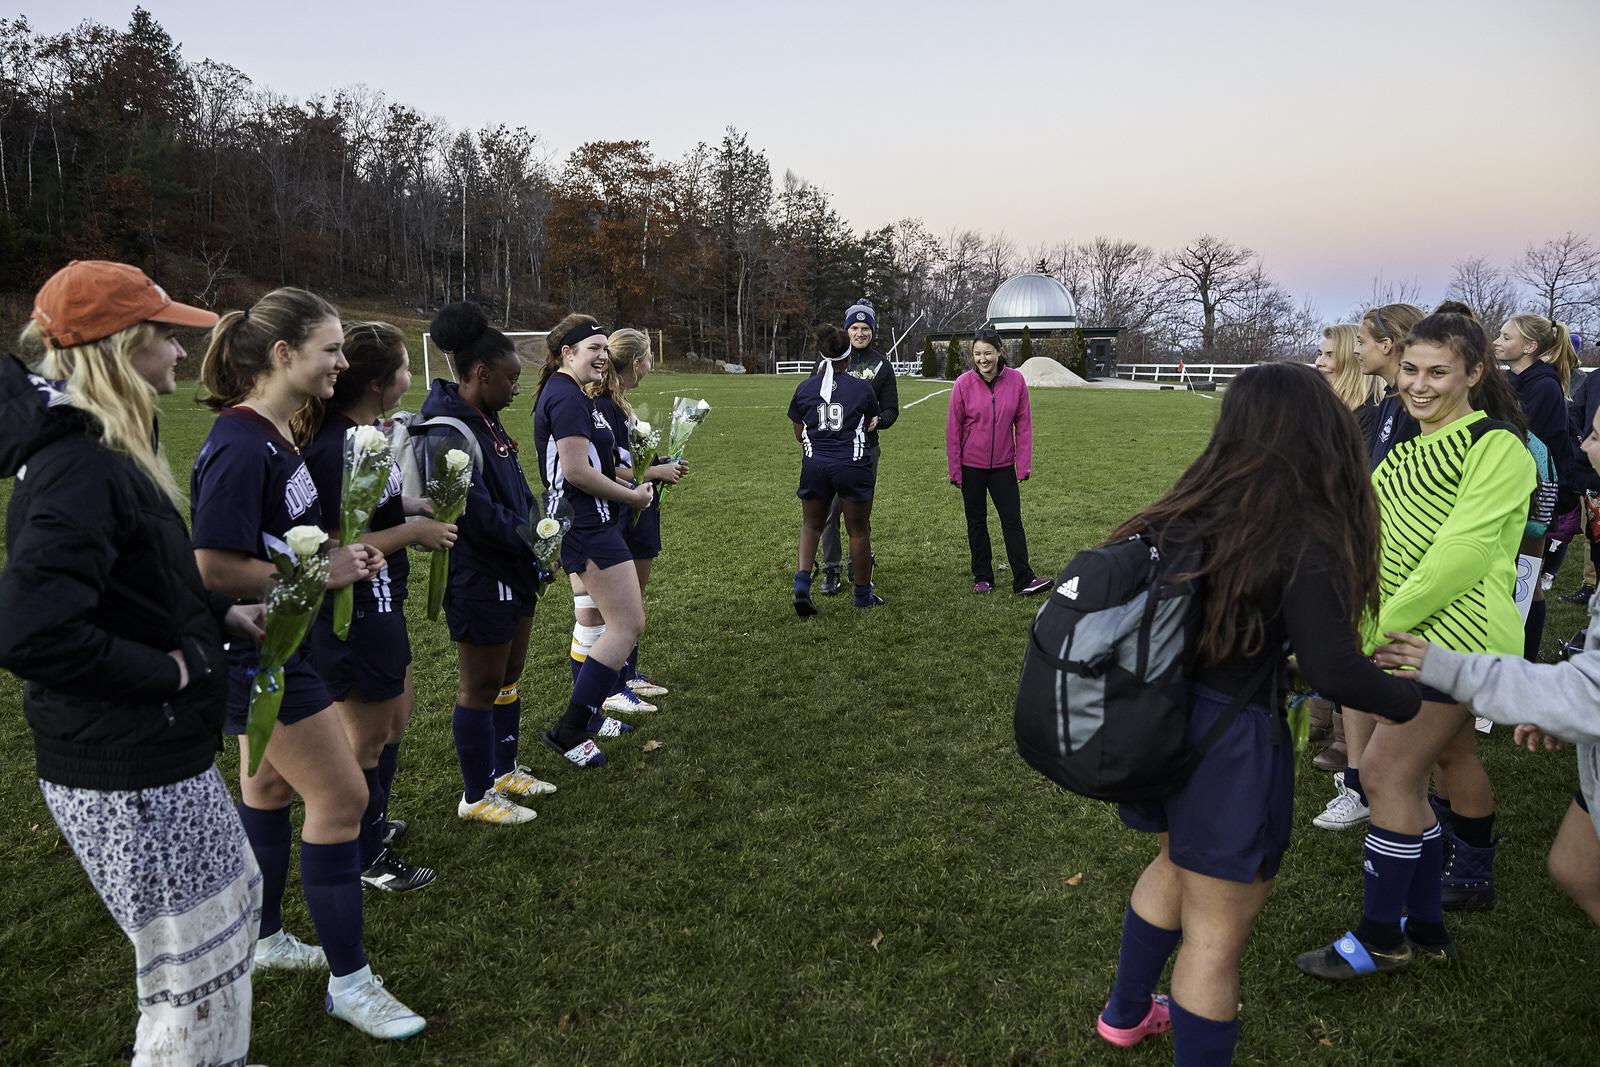 Girls Varsity Soccer vs. White Mountain School - November 7, 2018 - Nov 07 2018 - 0074.jpg